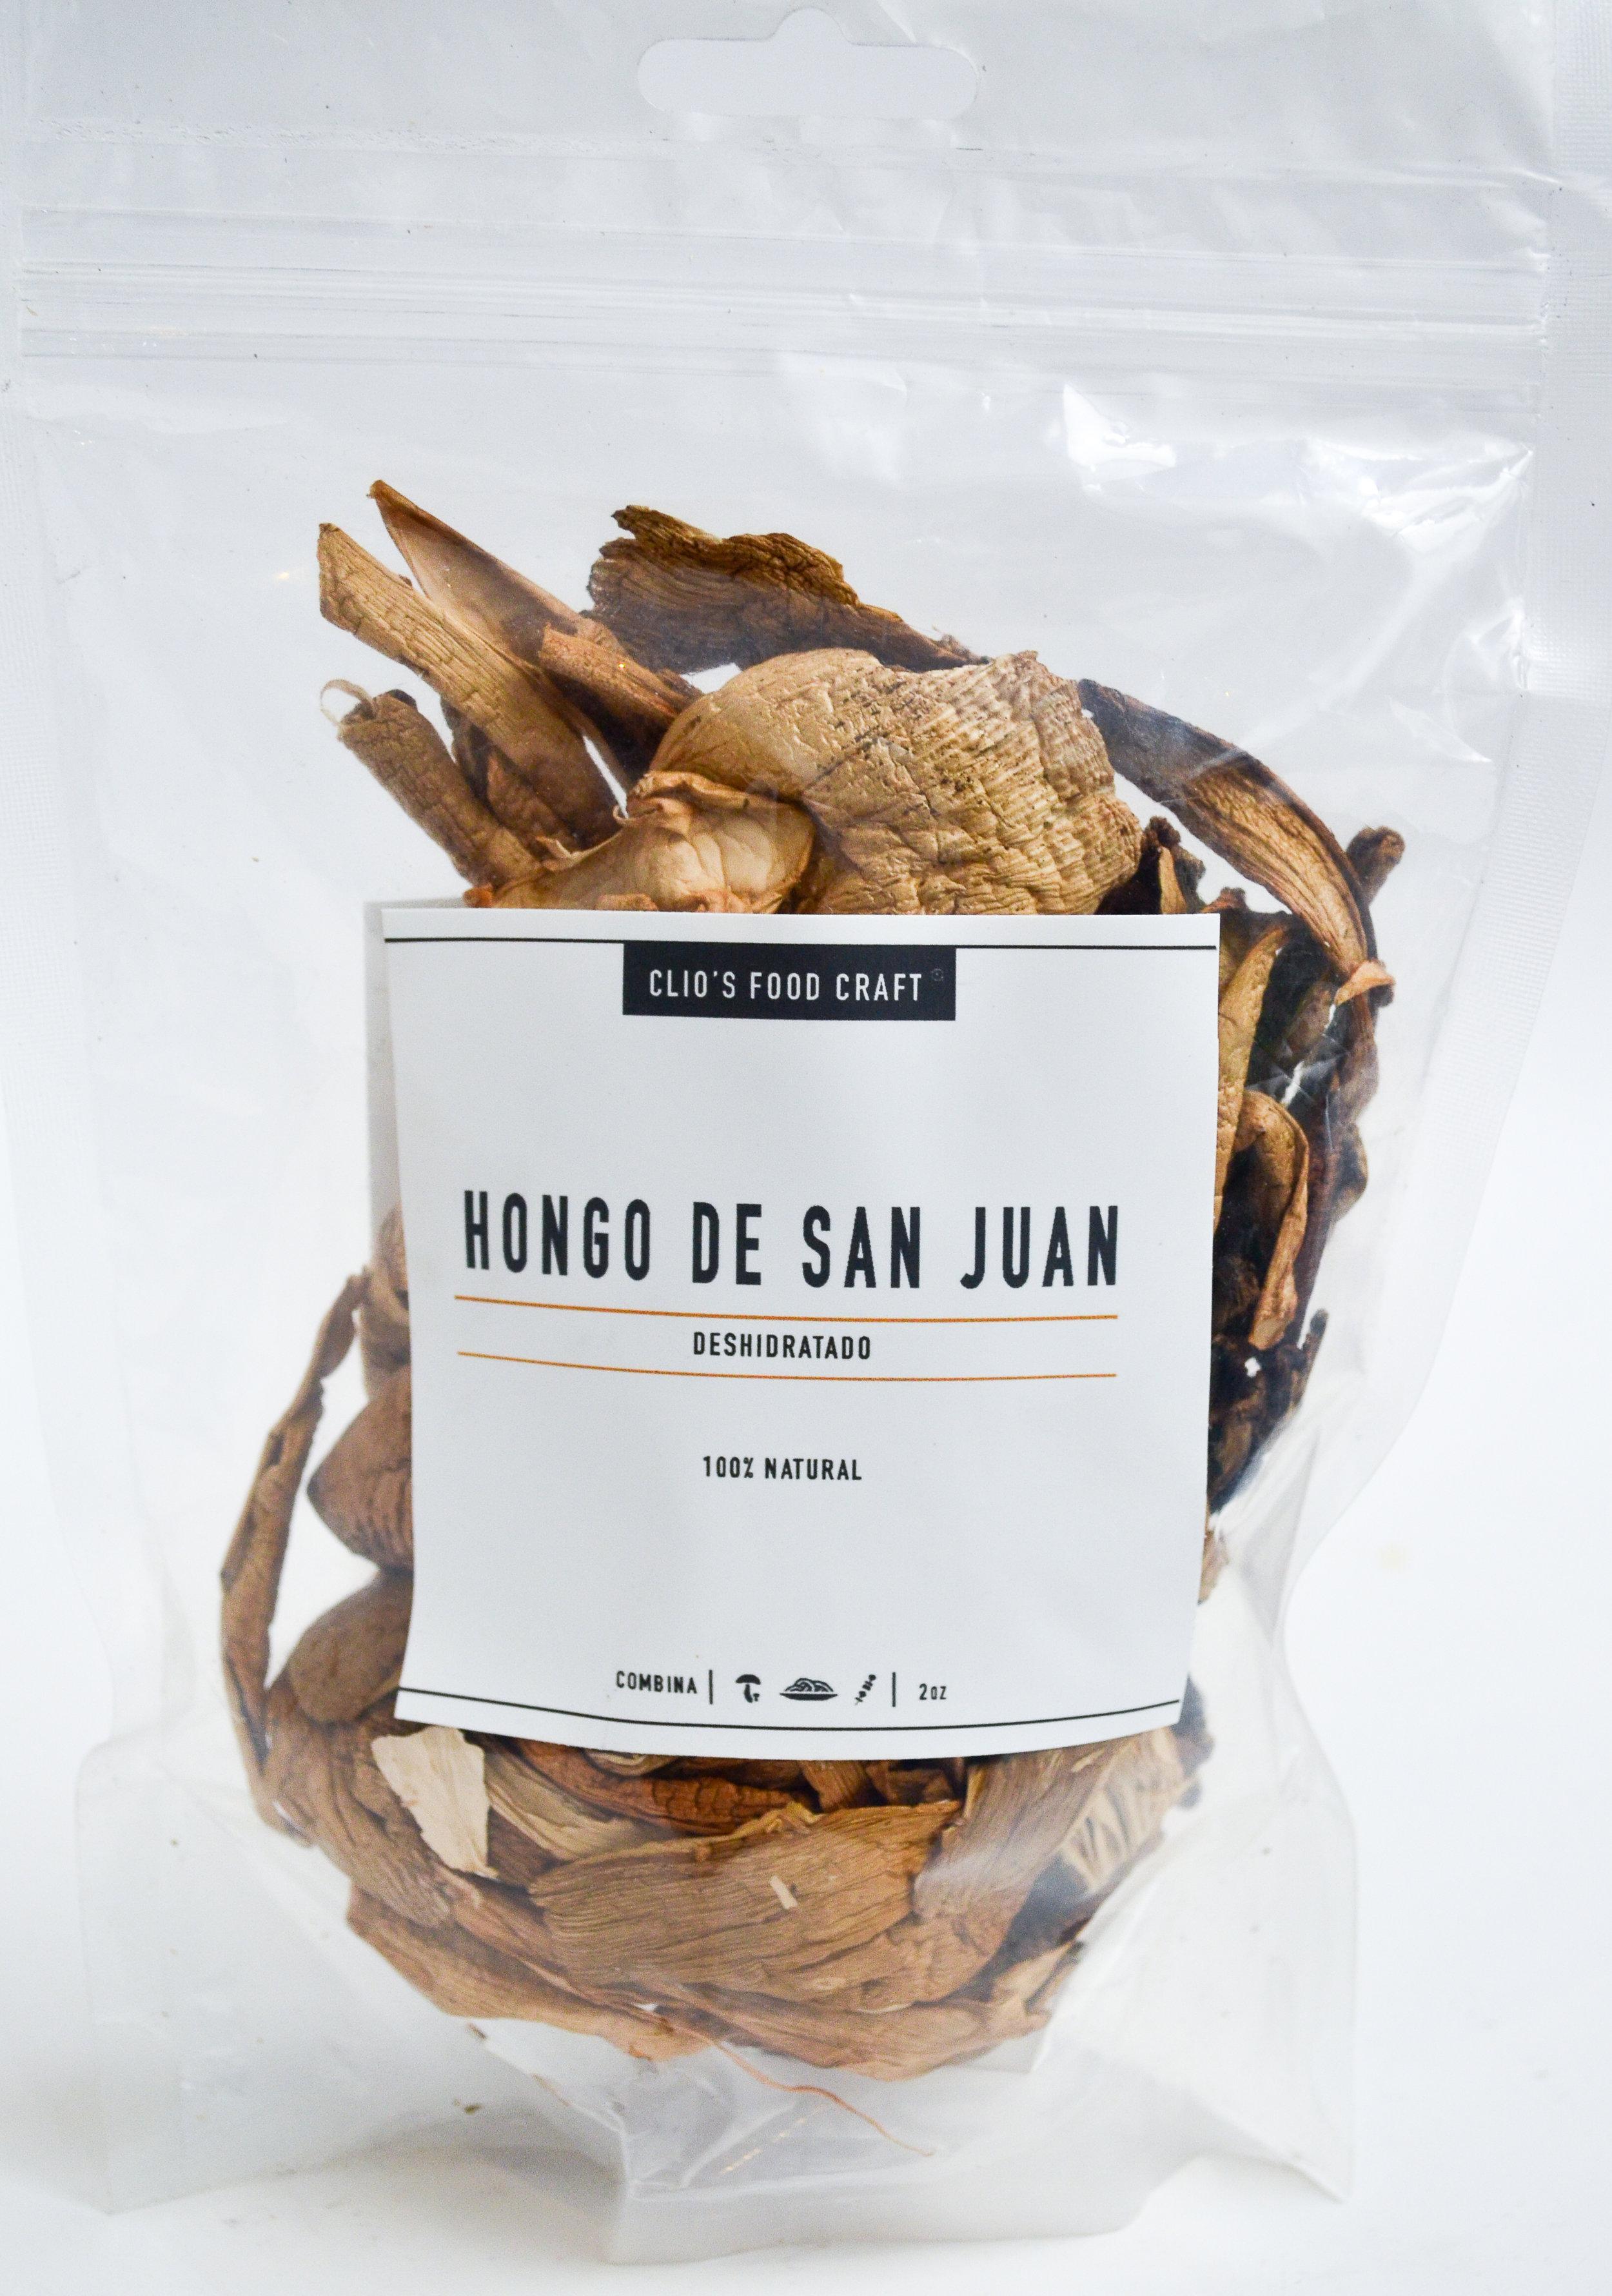 HONGOS DE SAN JUAN DEHIDRATADO - Q.75   2oz